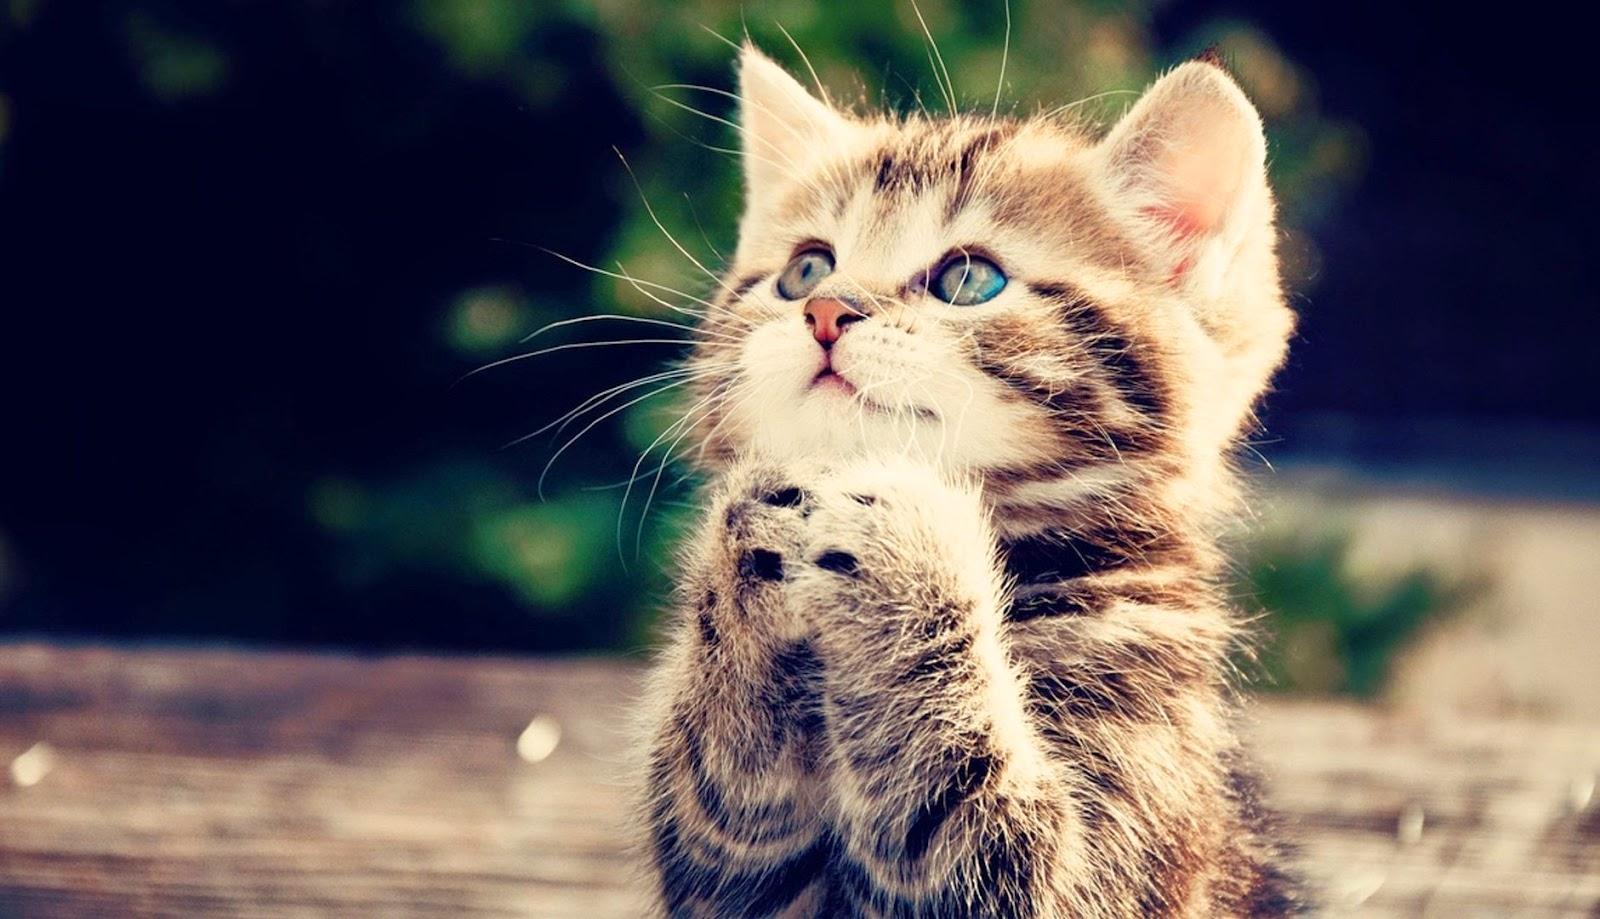 tierische freunde lustige katzen